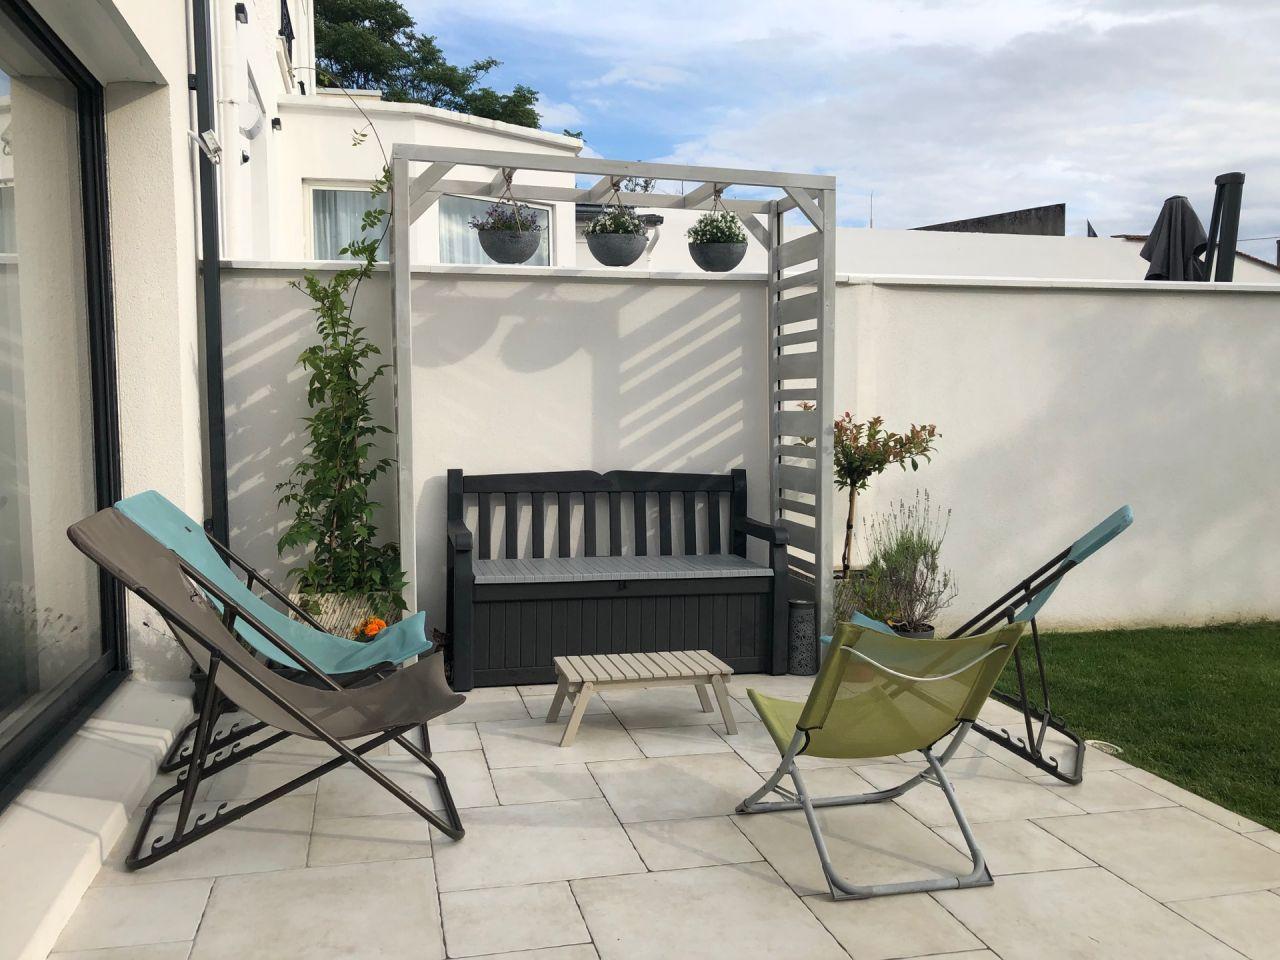 Installation de l'arche de jardin sur la terrasse